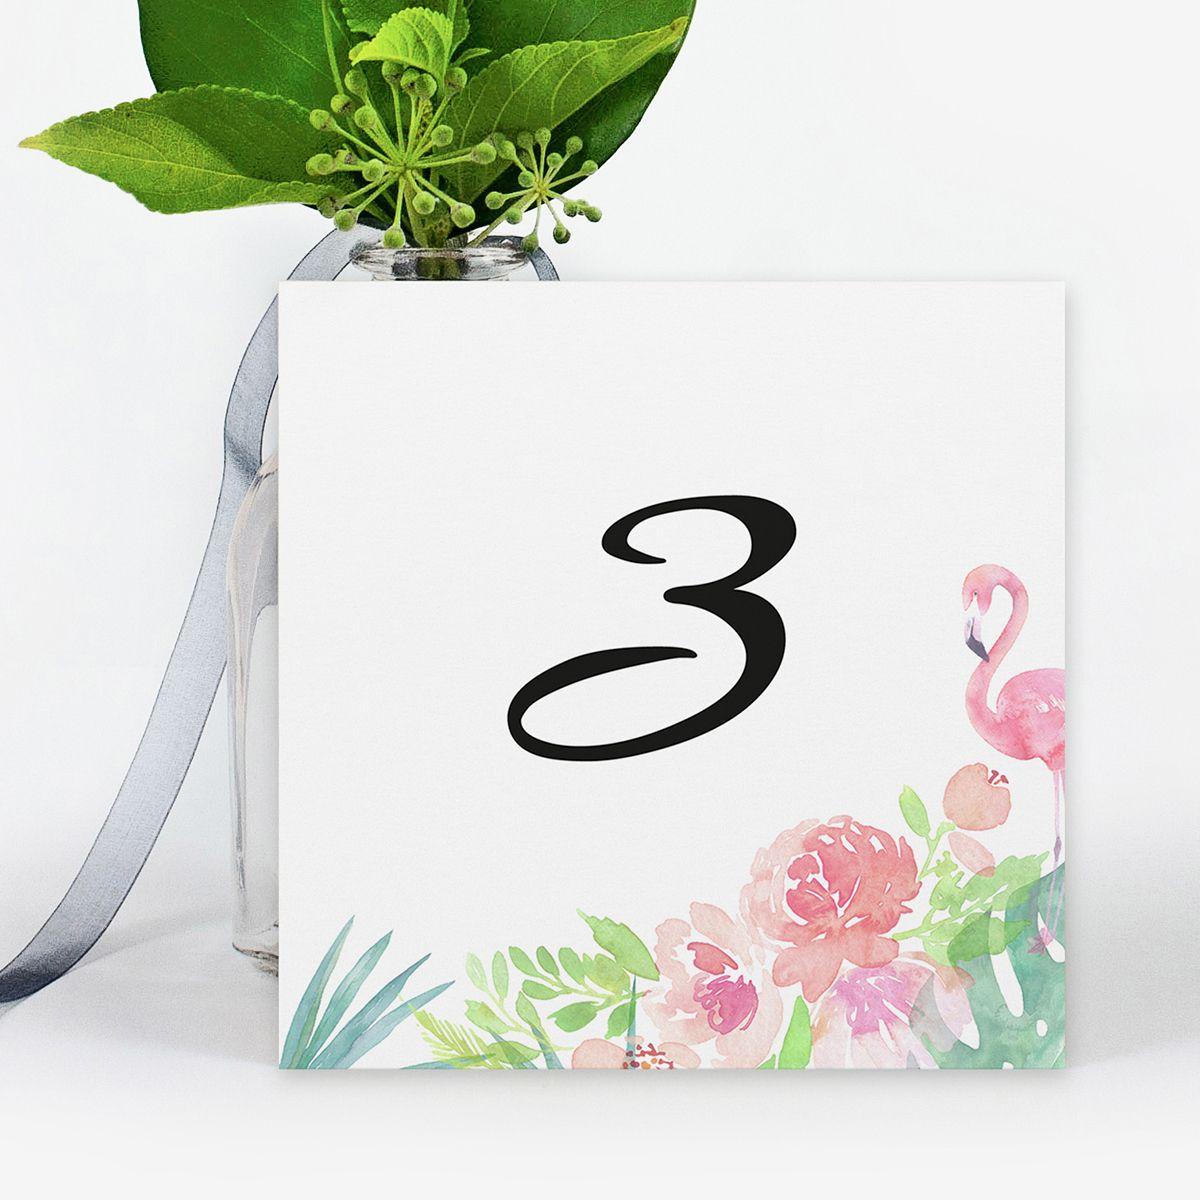 Número mesa boda Chic tropical